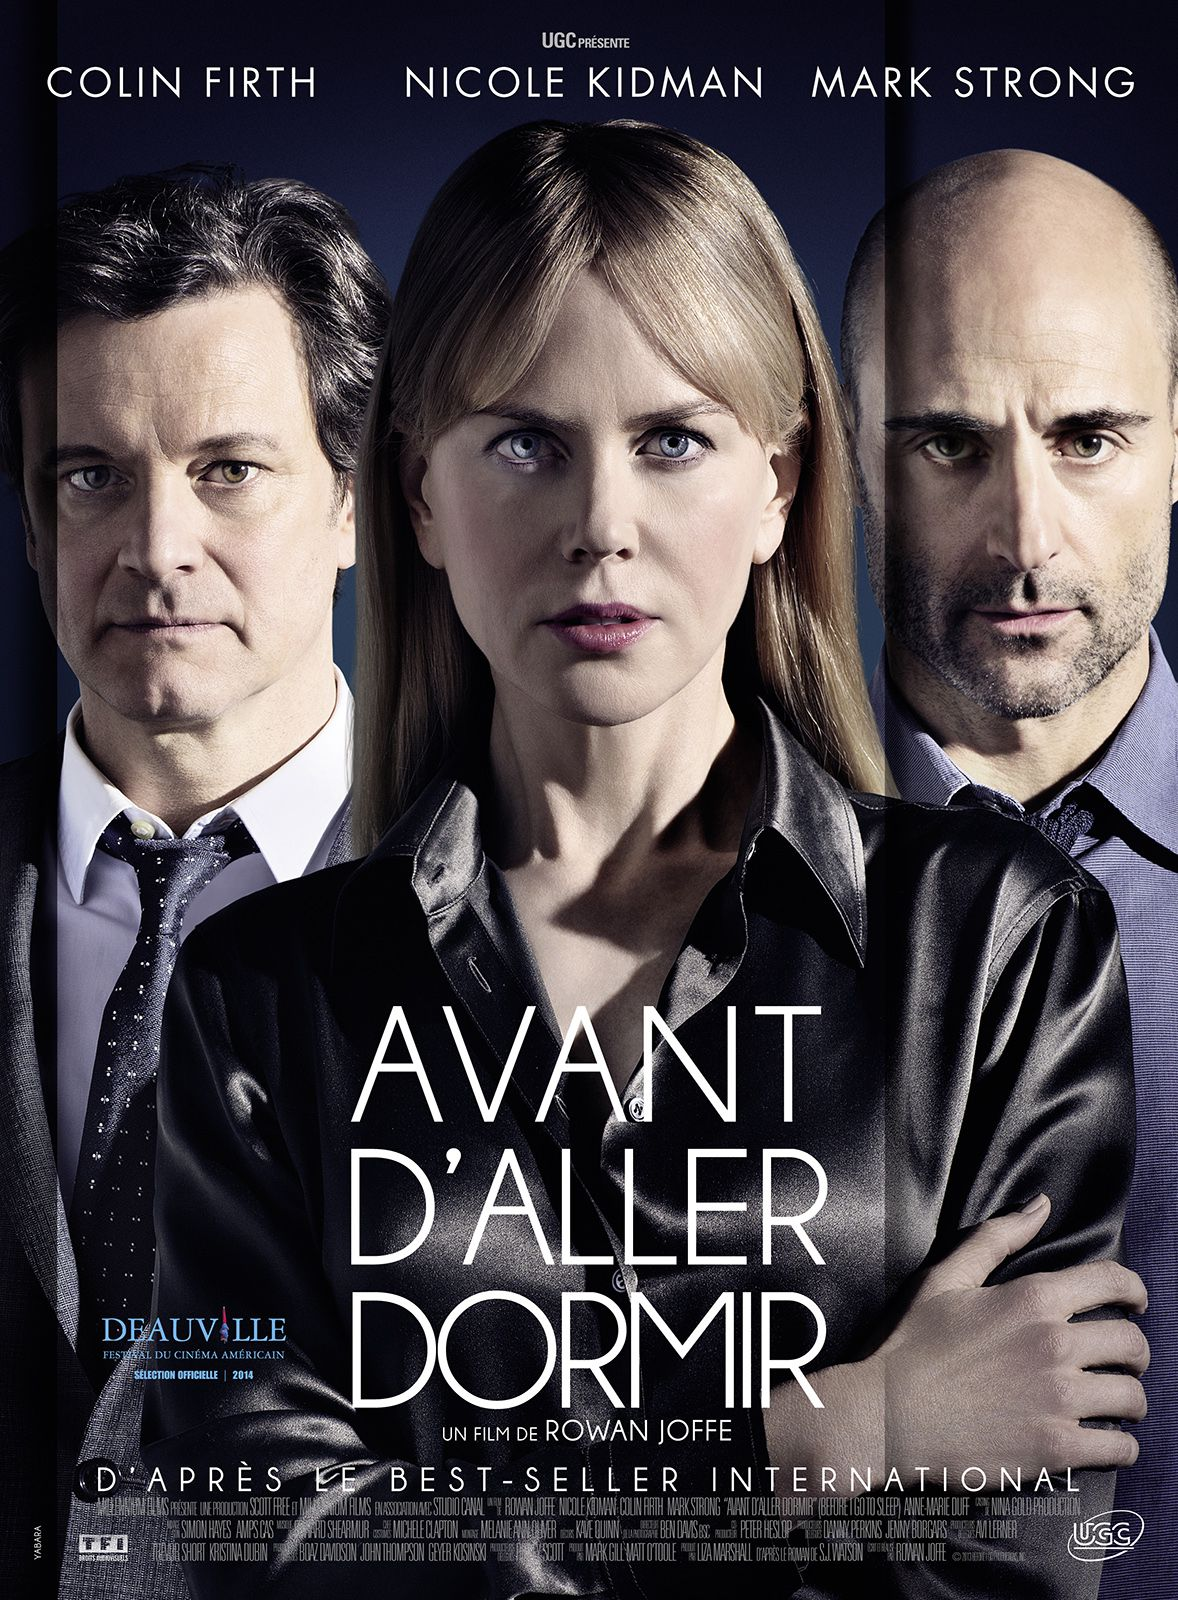 Avant d'aller dormir - Film (2014)